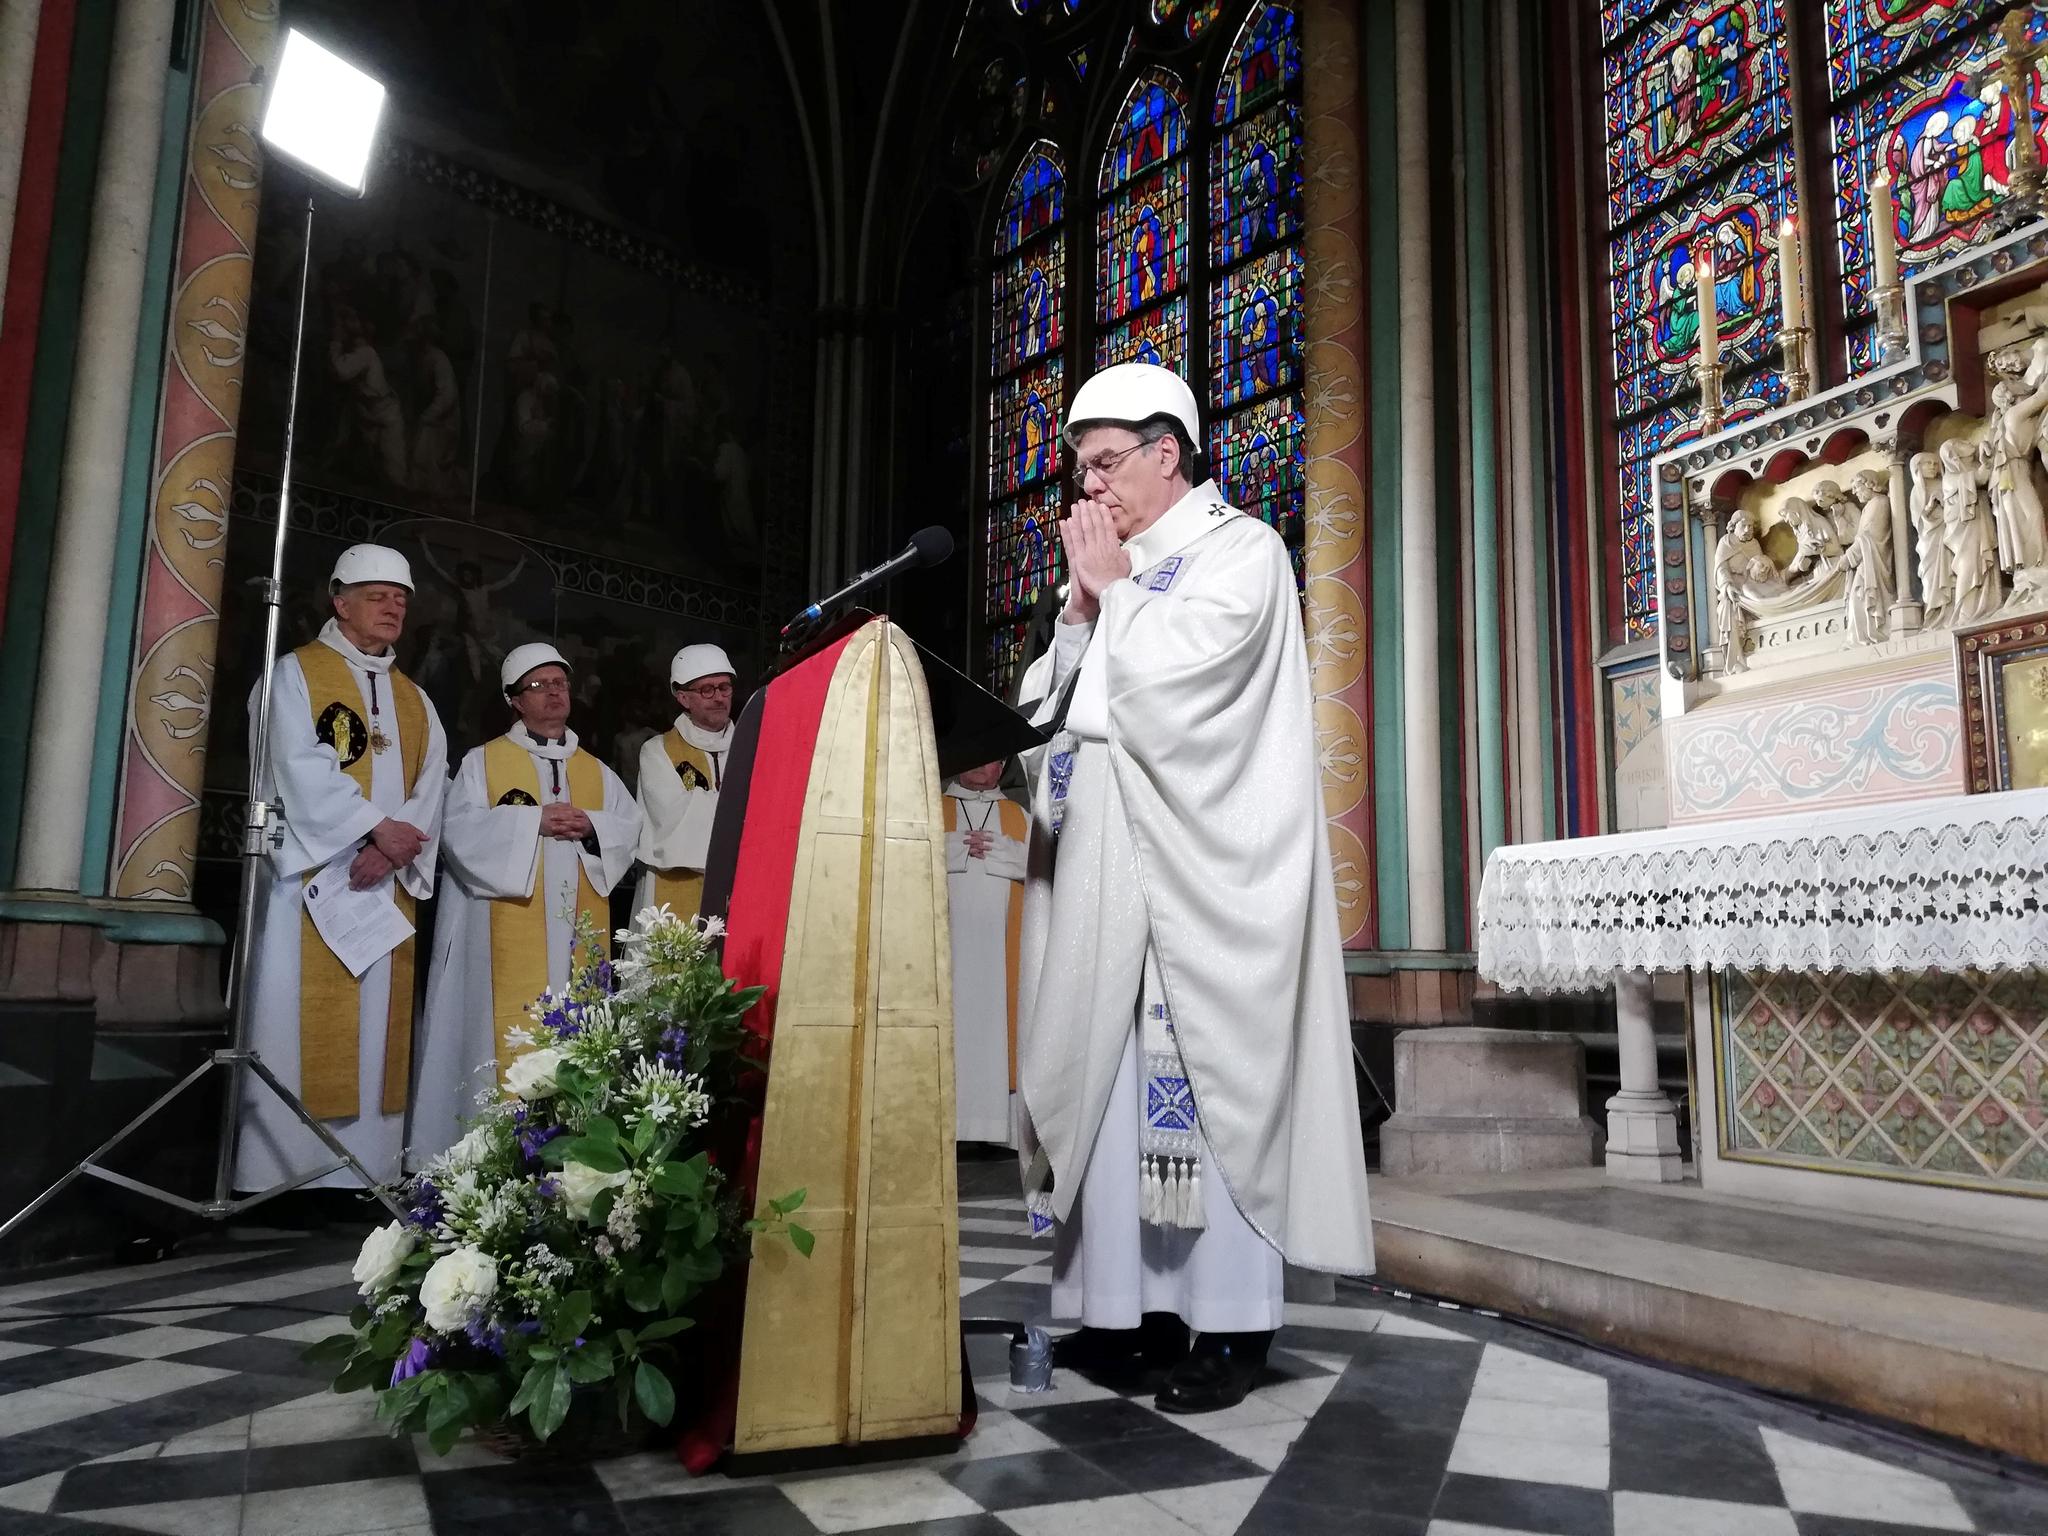 미셸 오프티 대주교가 미사를 집전하고 있다. [로이터=연합뉴스]